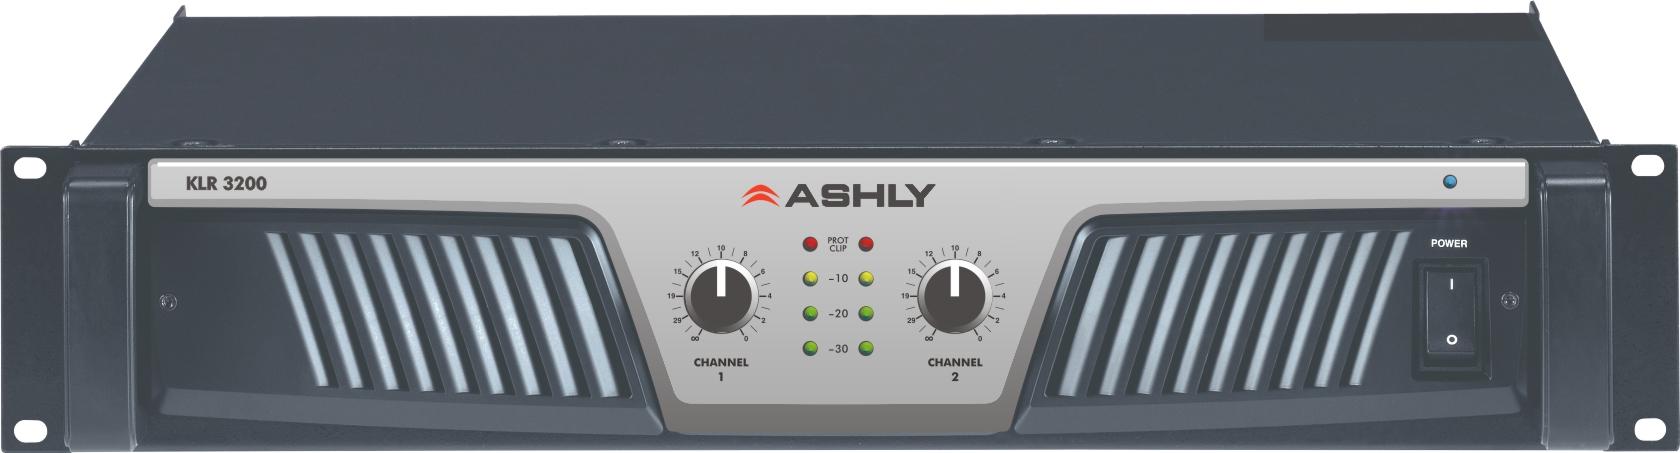 2 Channel Power Amplifier with 650W per Channel @ 8 Ohms